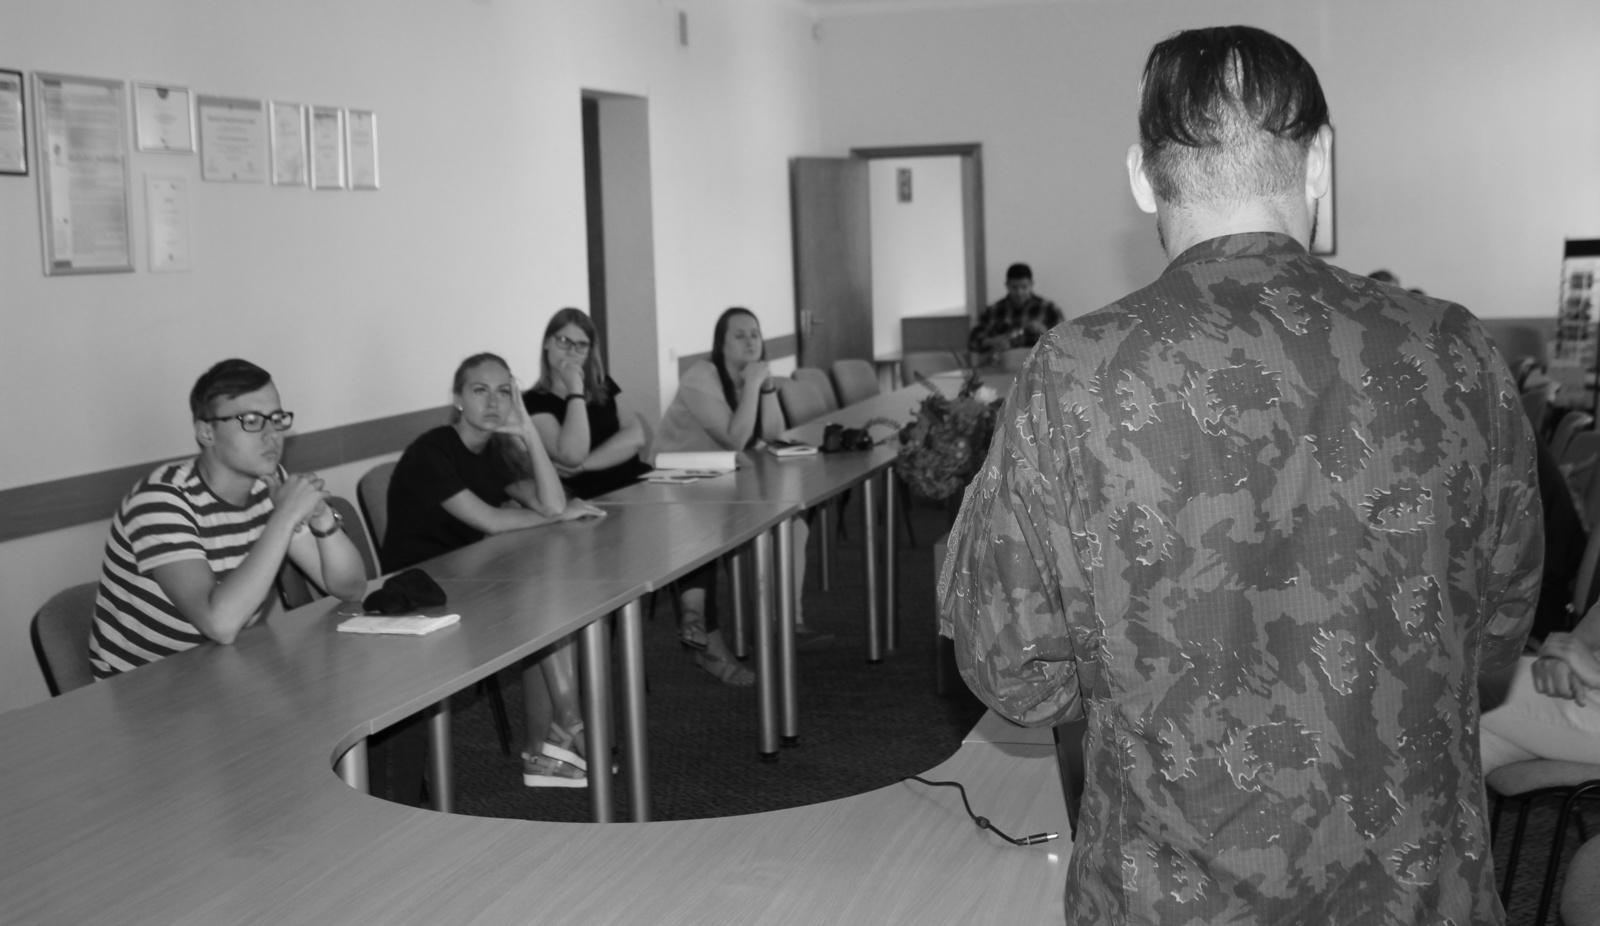 Lietuvos kariuomenė iš arčiau: profesinės galimybės, laukiantys išbandymai ir privalumai